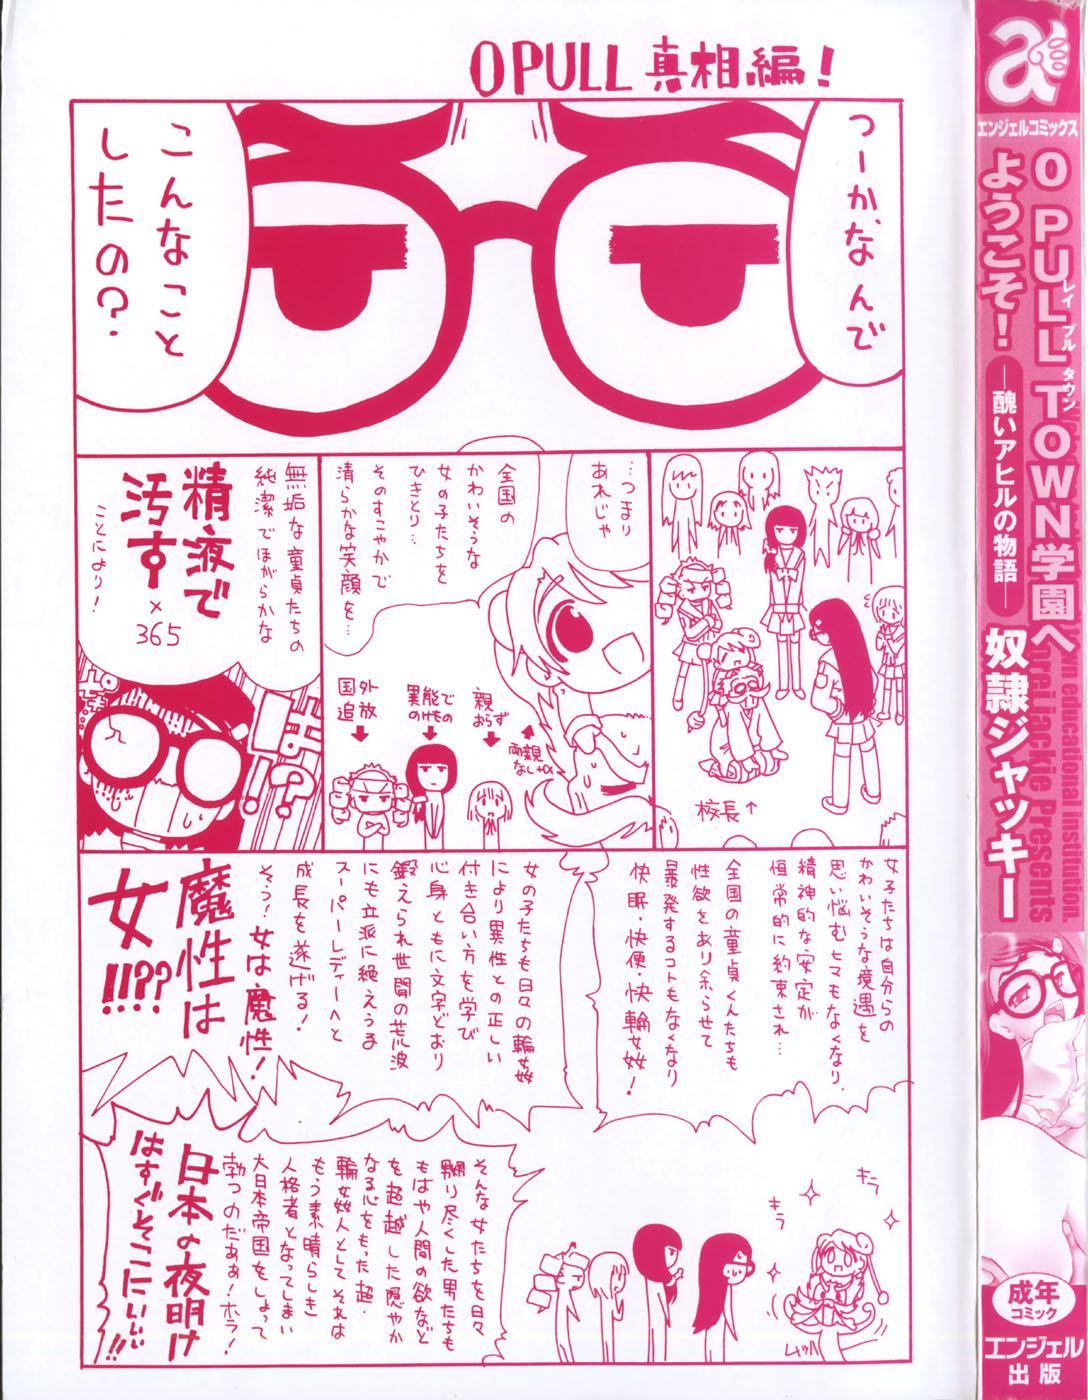 0 PULL TOWN Gakuen e Youkoso! 5